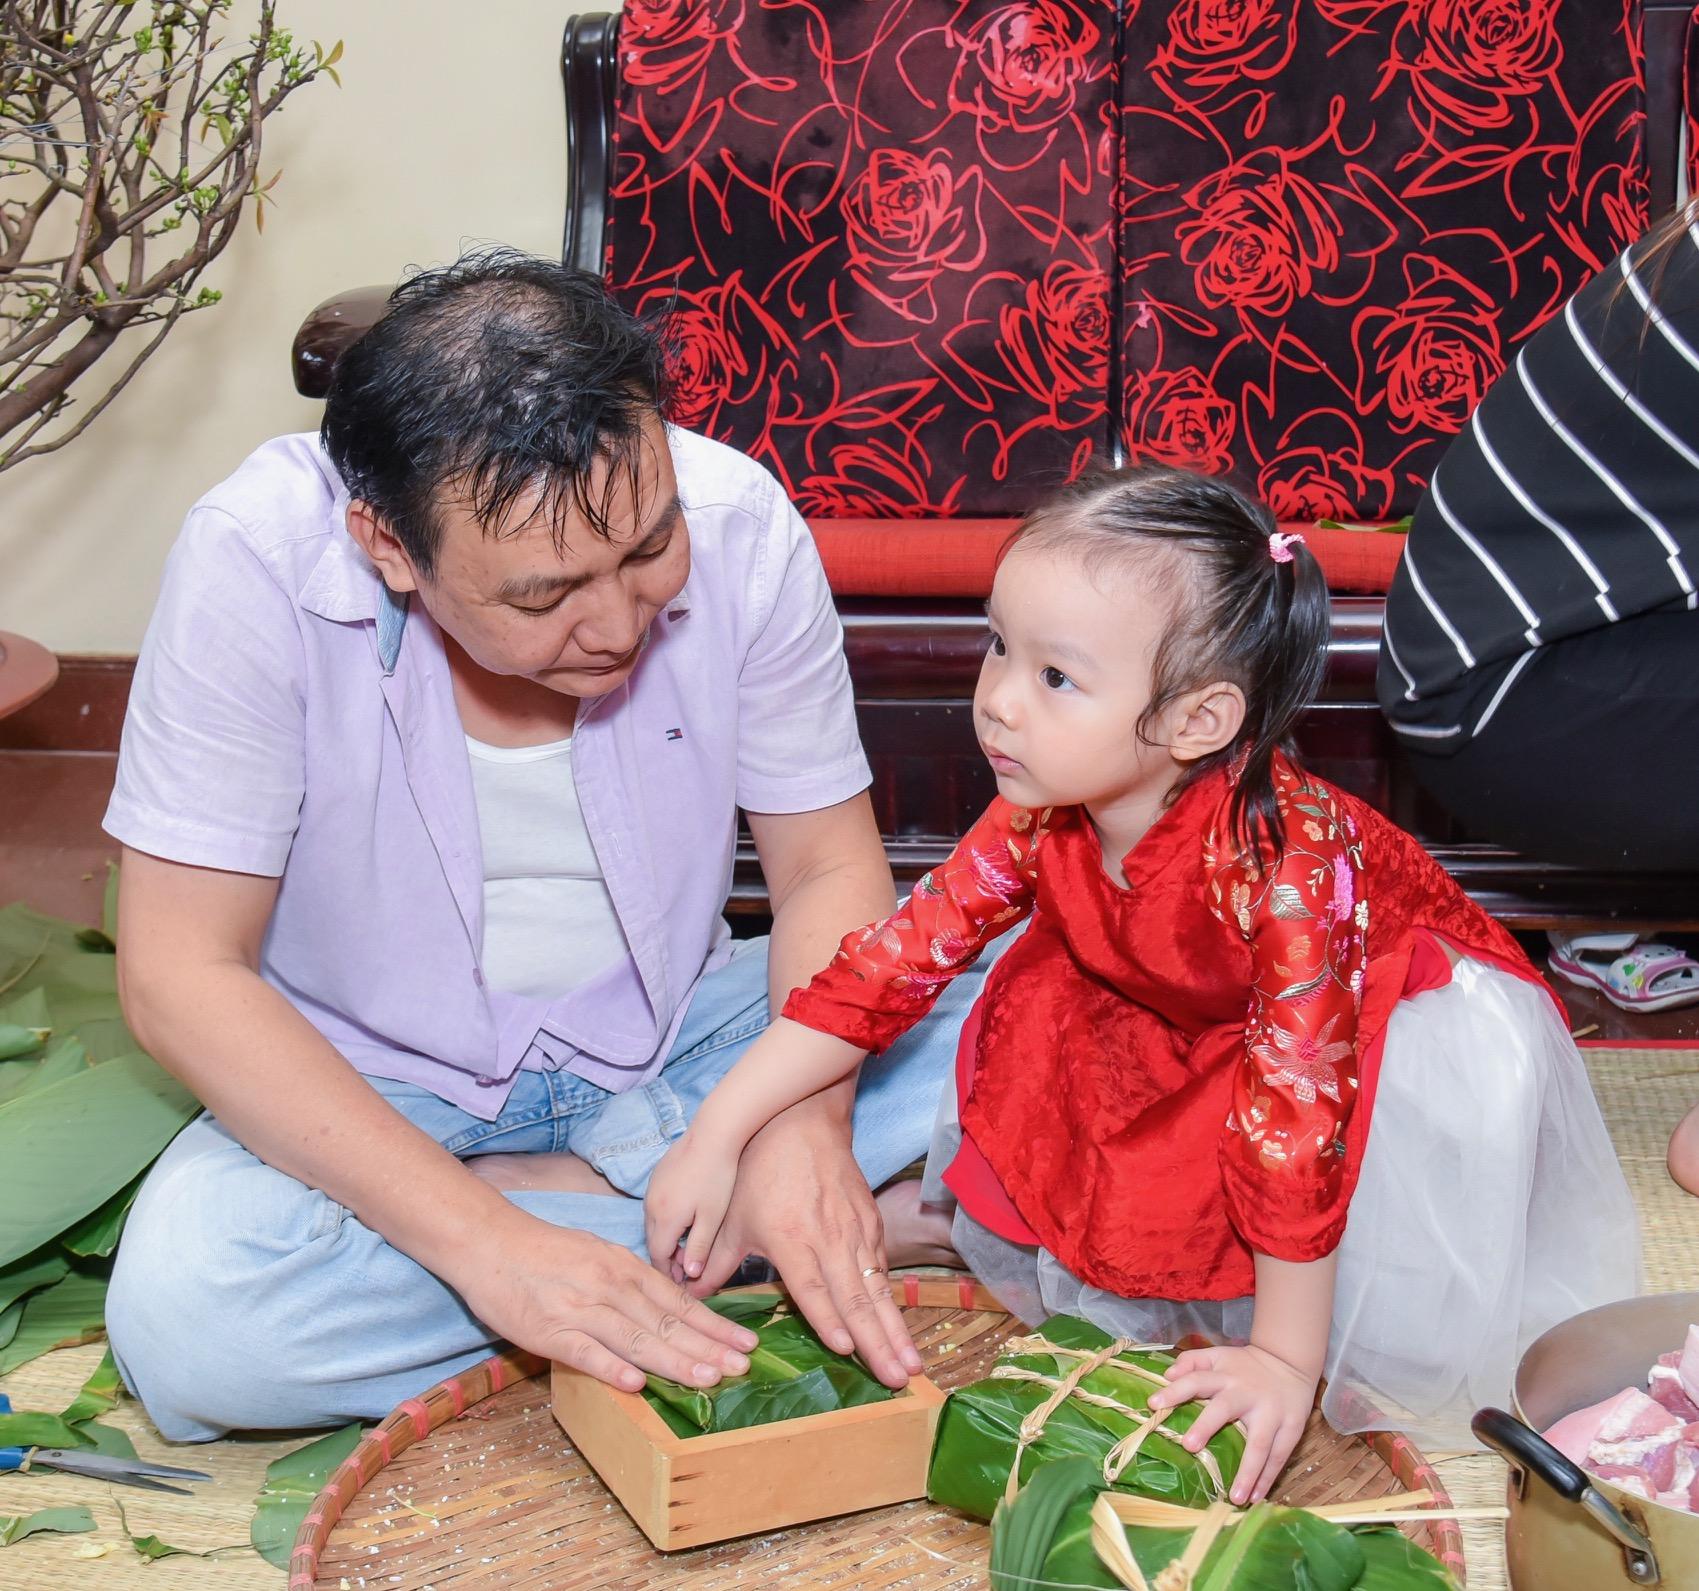 Ngôi sao - Gia đình Á hậu Trịnh Kim Chi quây quần gói bánh chưng đón Tết (Hình 2).